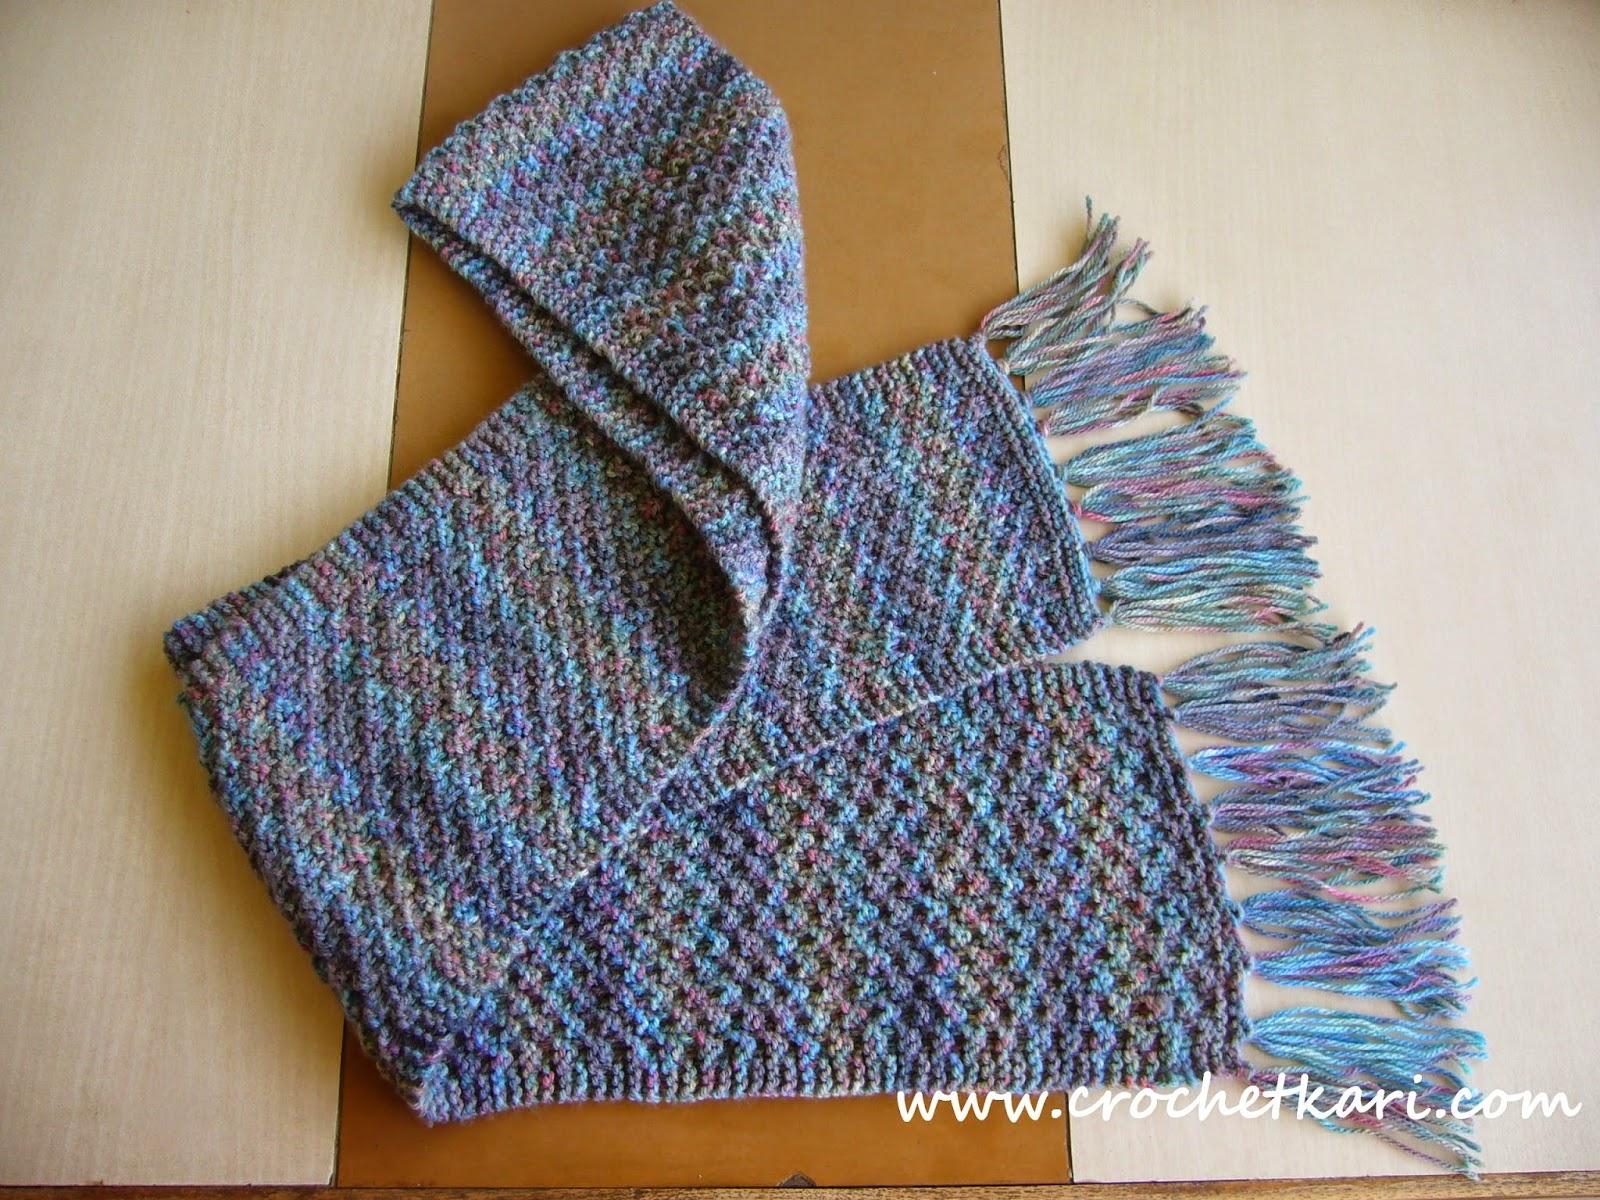 Crochetkari free knitting scarf pattern